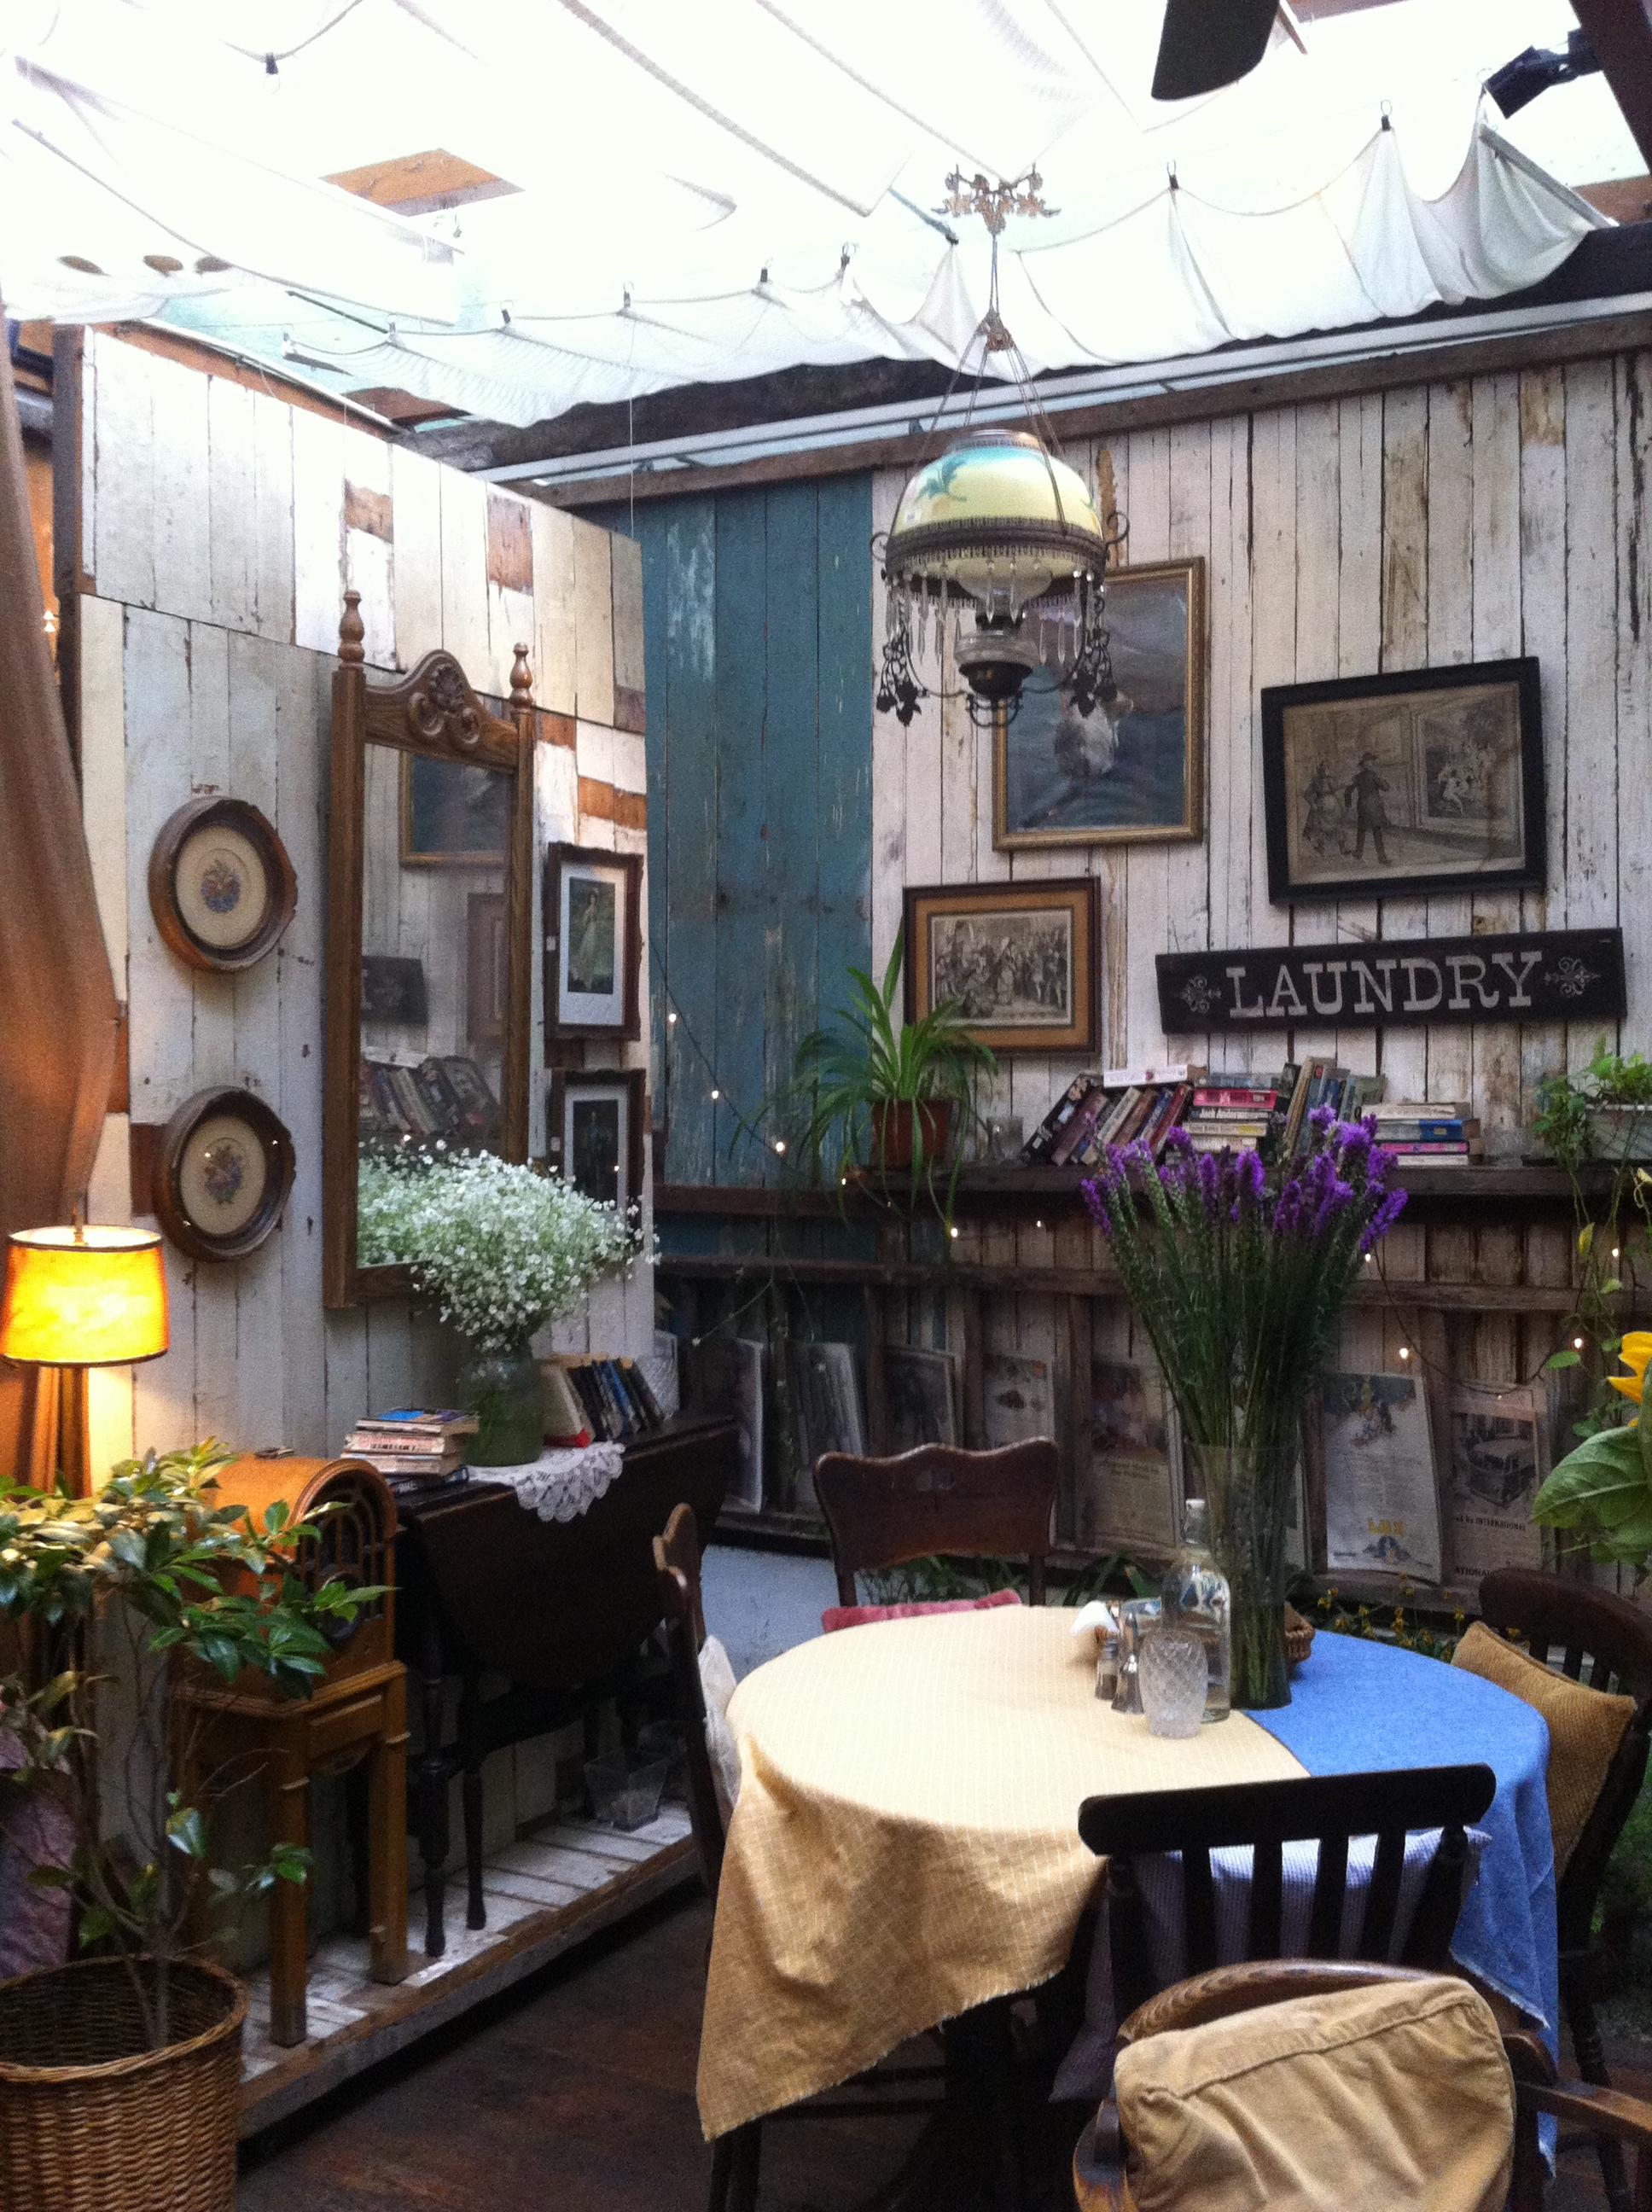 很舒适的花园型复古小资咖啡馆,无论阳光天还是阴雨天气,约上闺蜜在